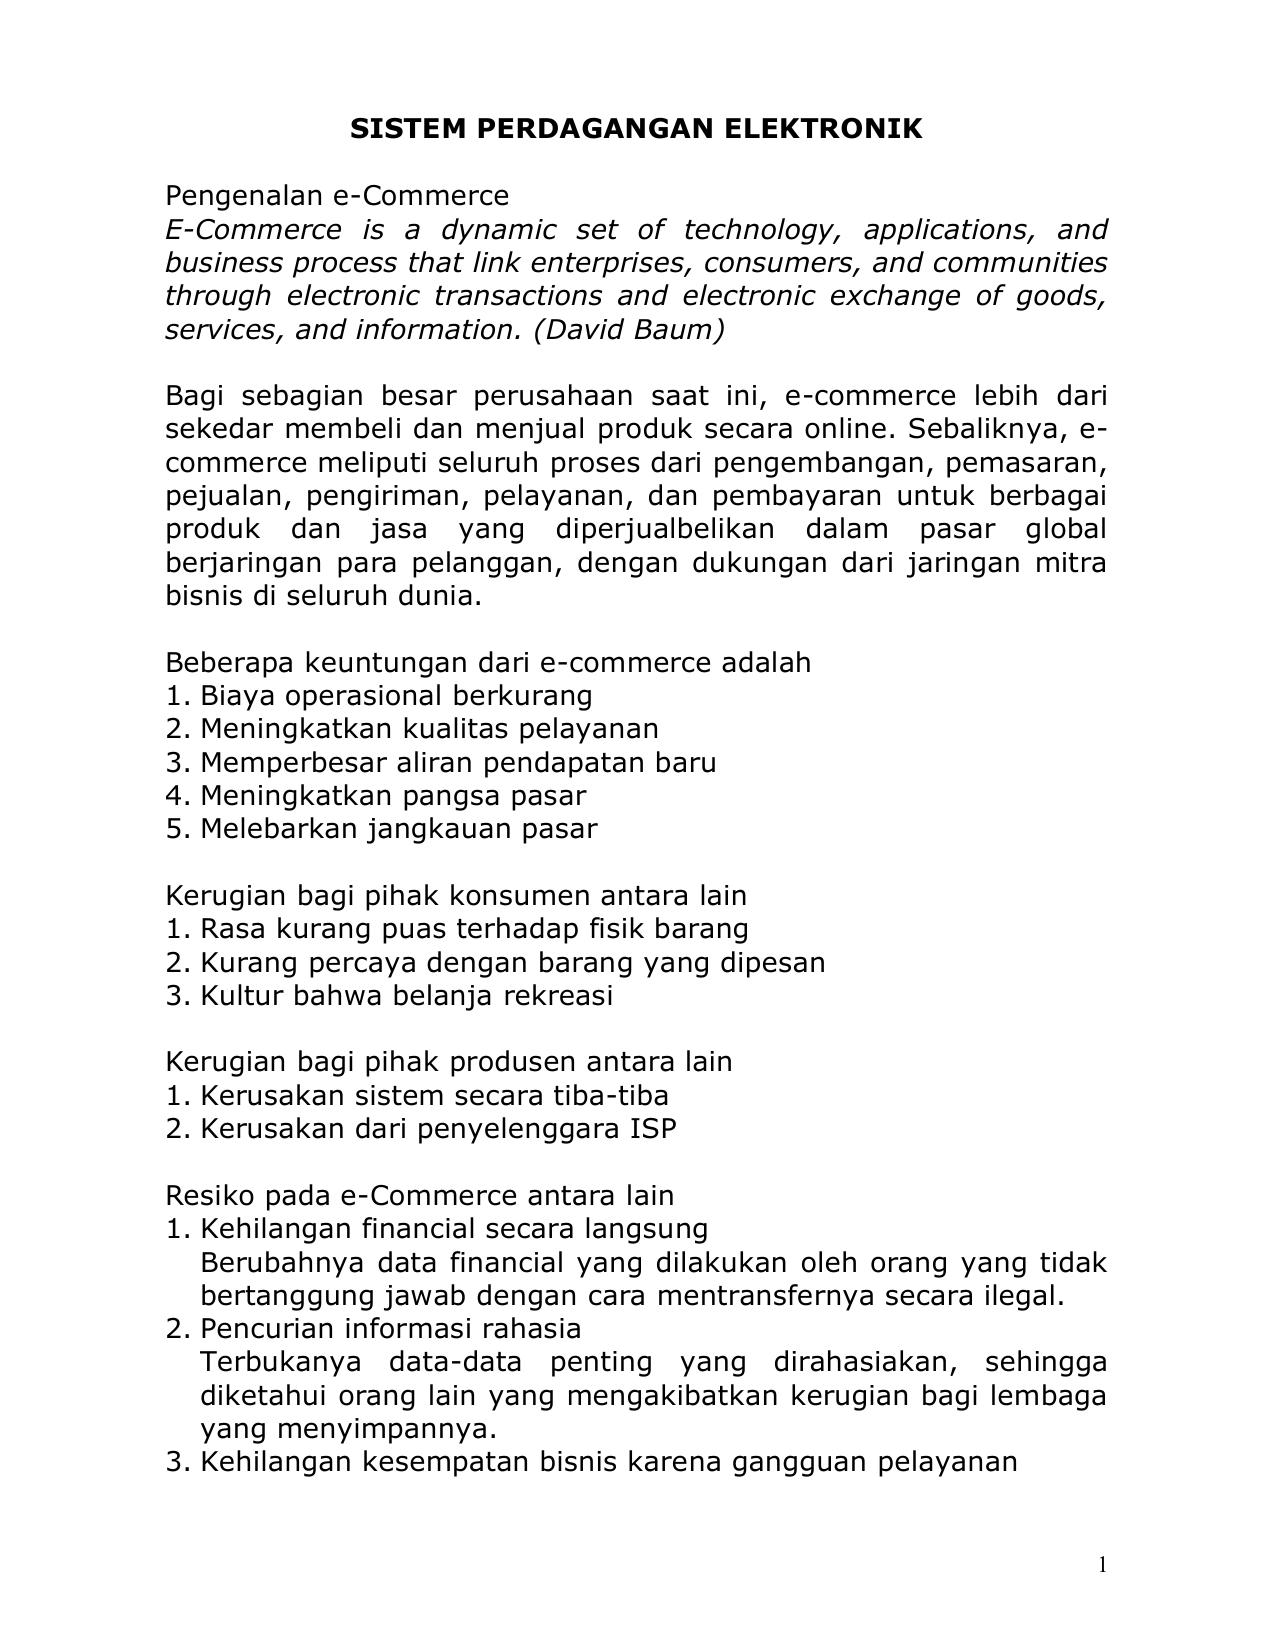 Sistem perdagangan QuickfingerLuc (bagian 2. Membeli dan Menjual)